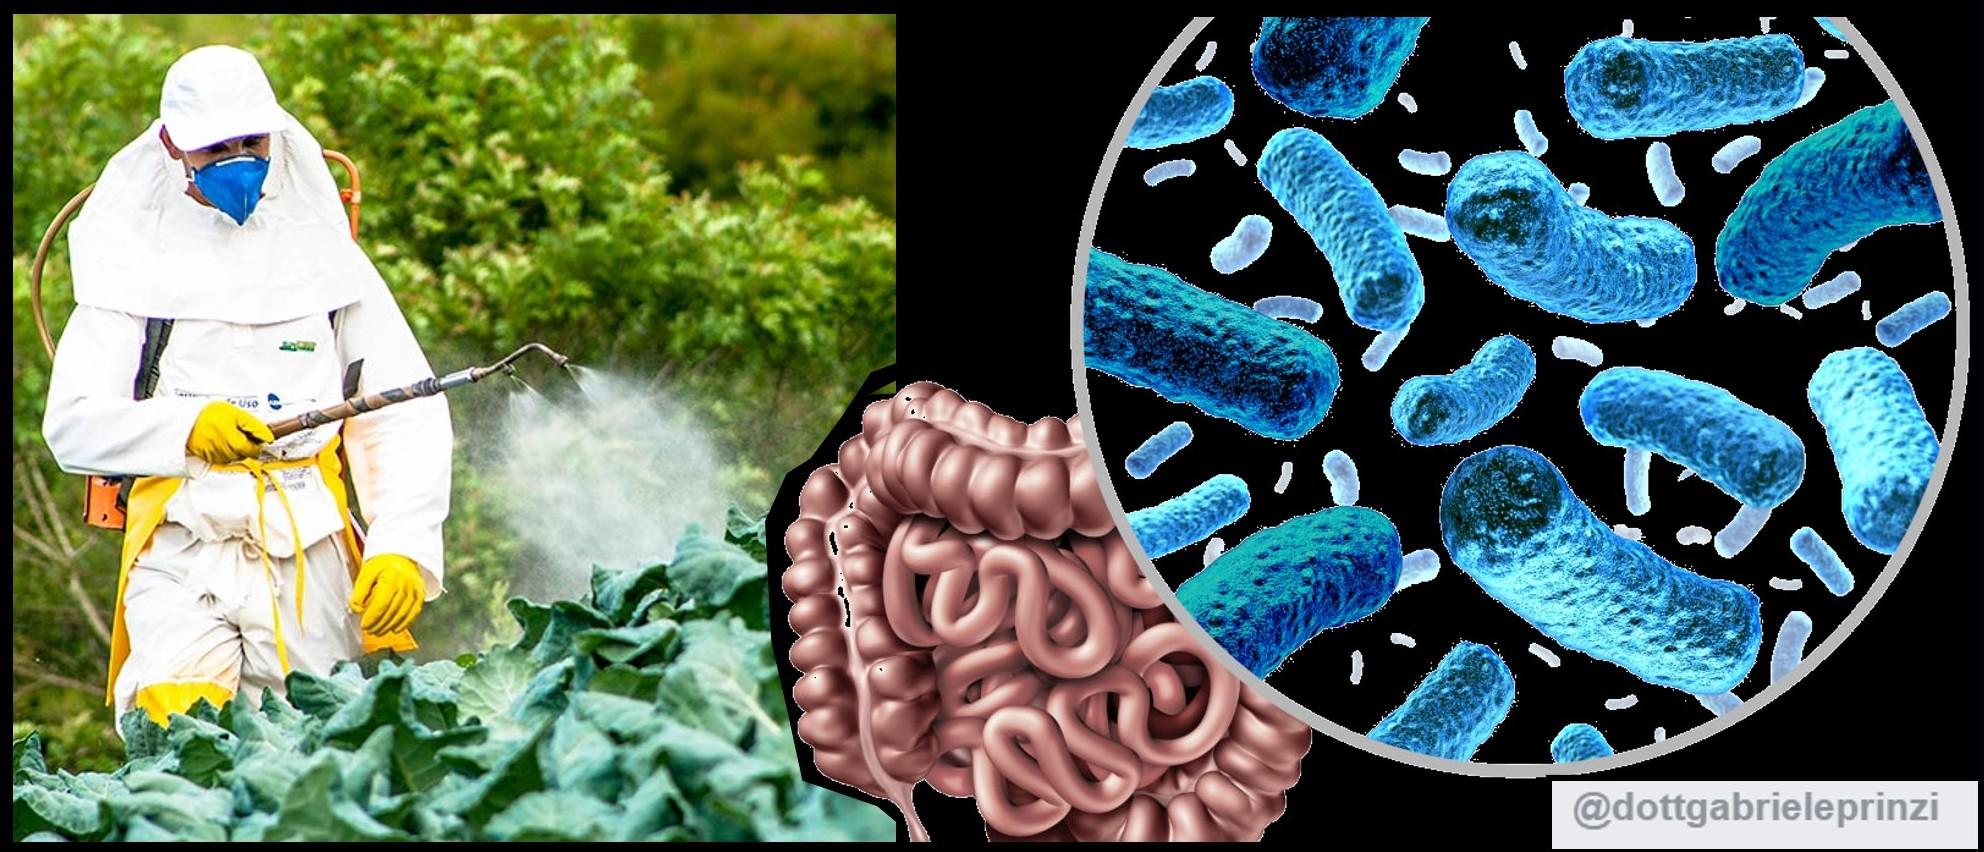 Il Glifosato danneggia seriamente il Microbiota Intestinale.